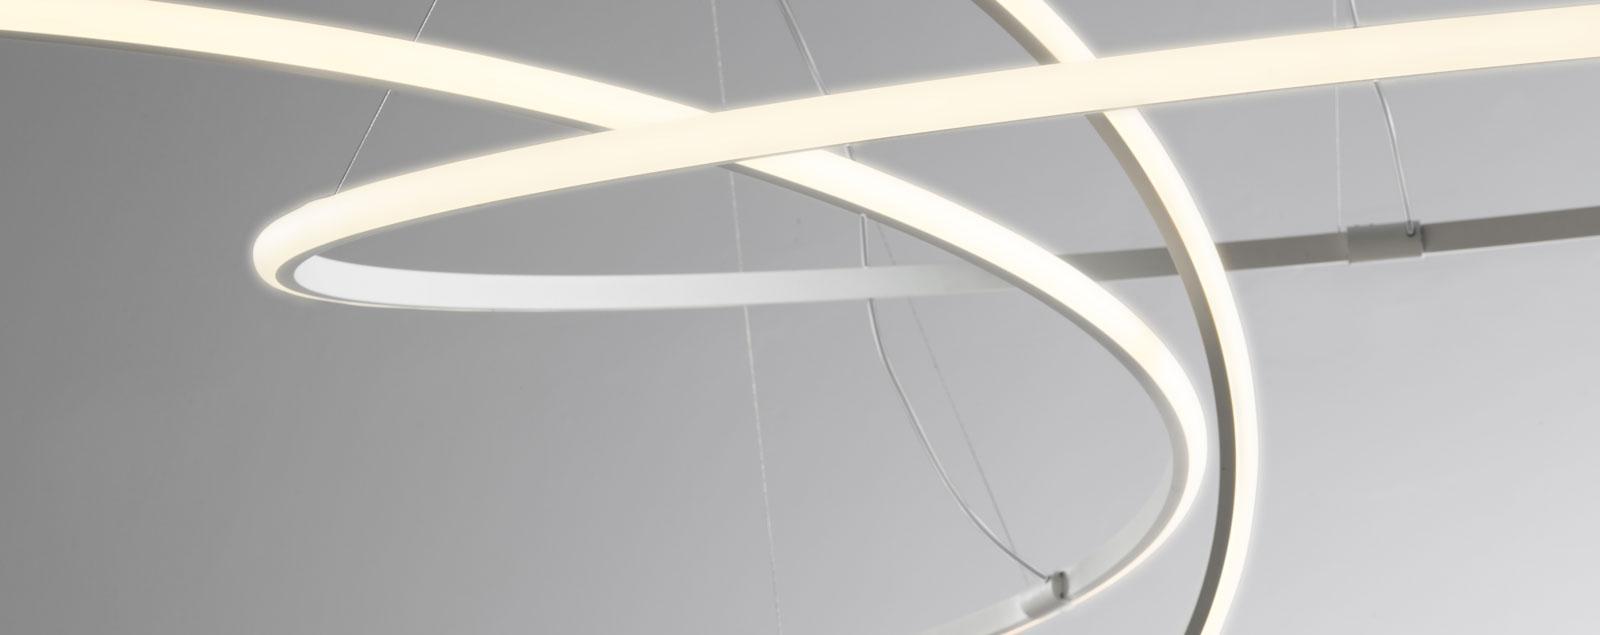 F45 Olympic suspension - Fabbian Illuminazione